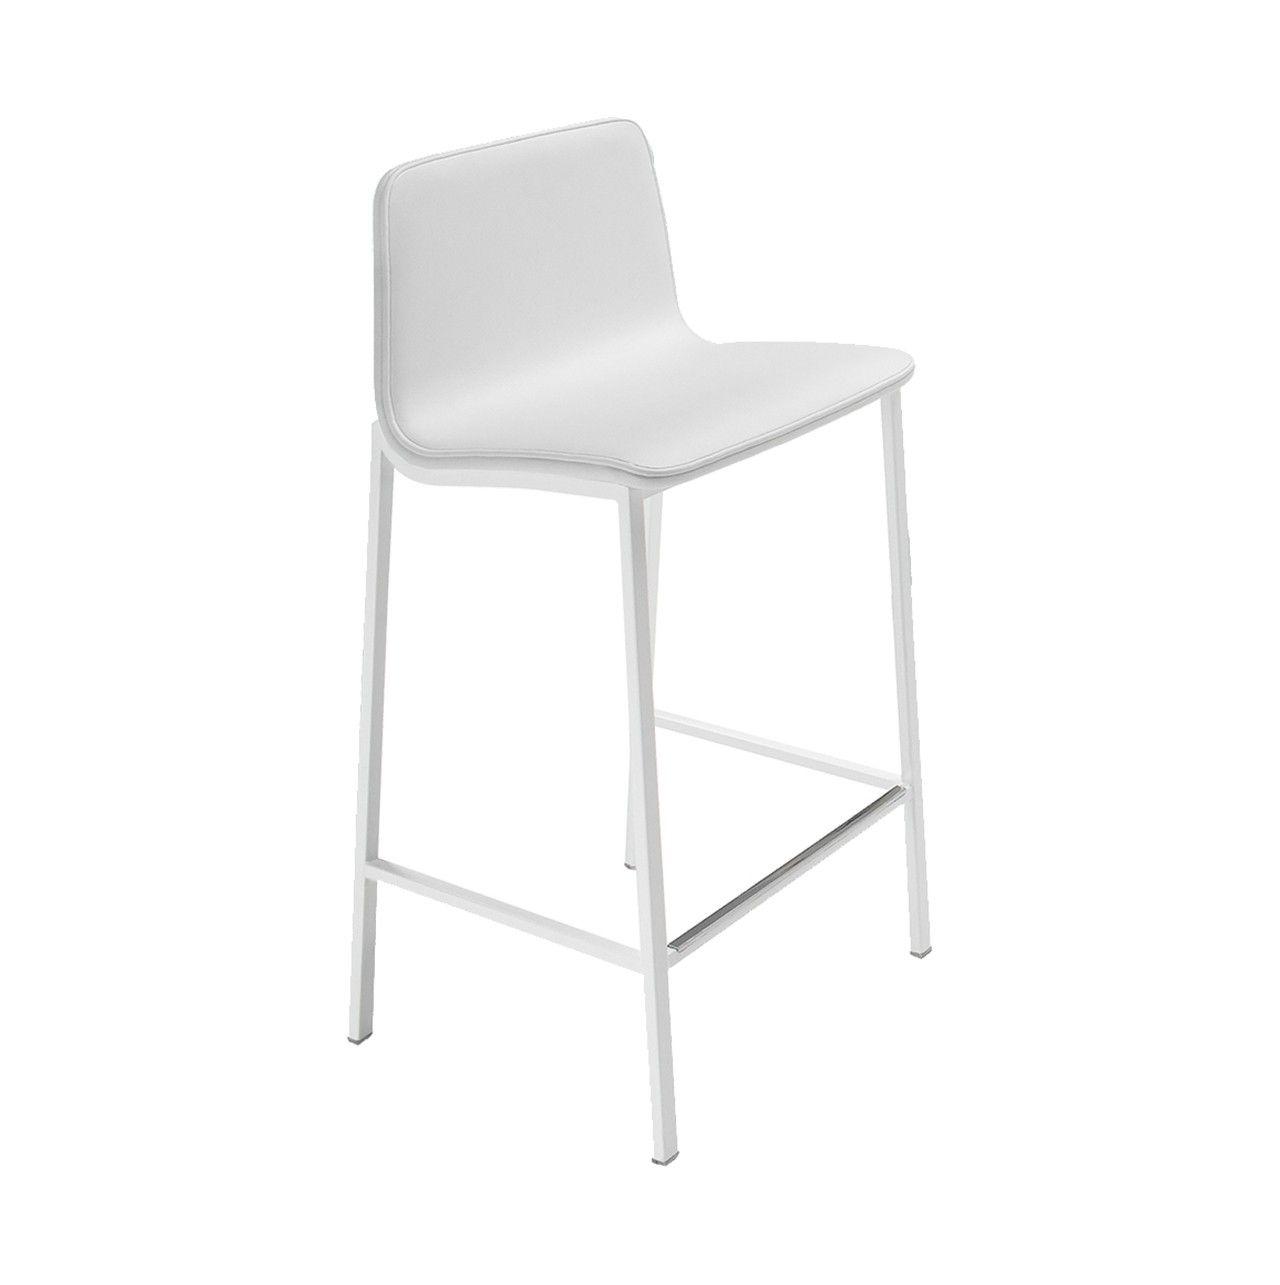 Taburete con asiento y respaldo color blanco | TABURETES | Sillas ...